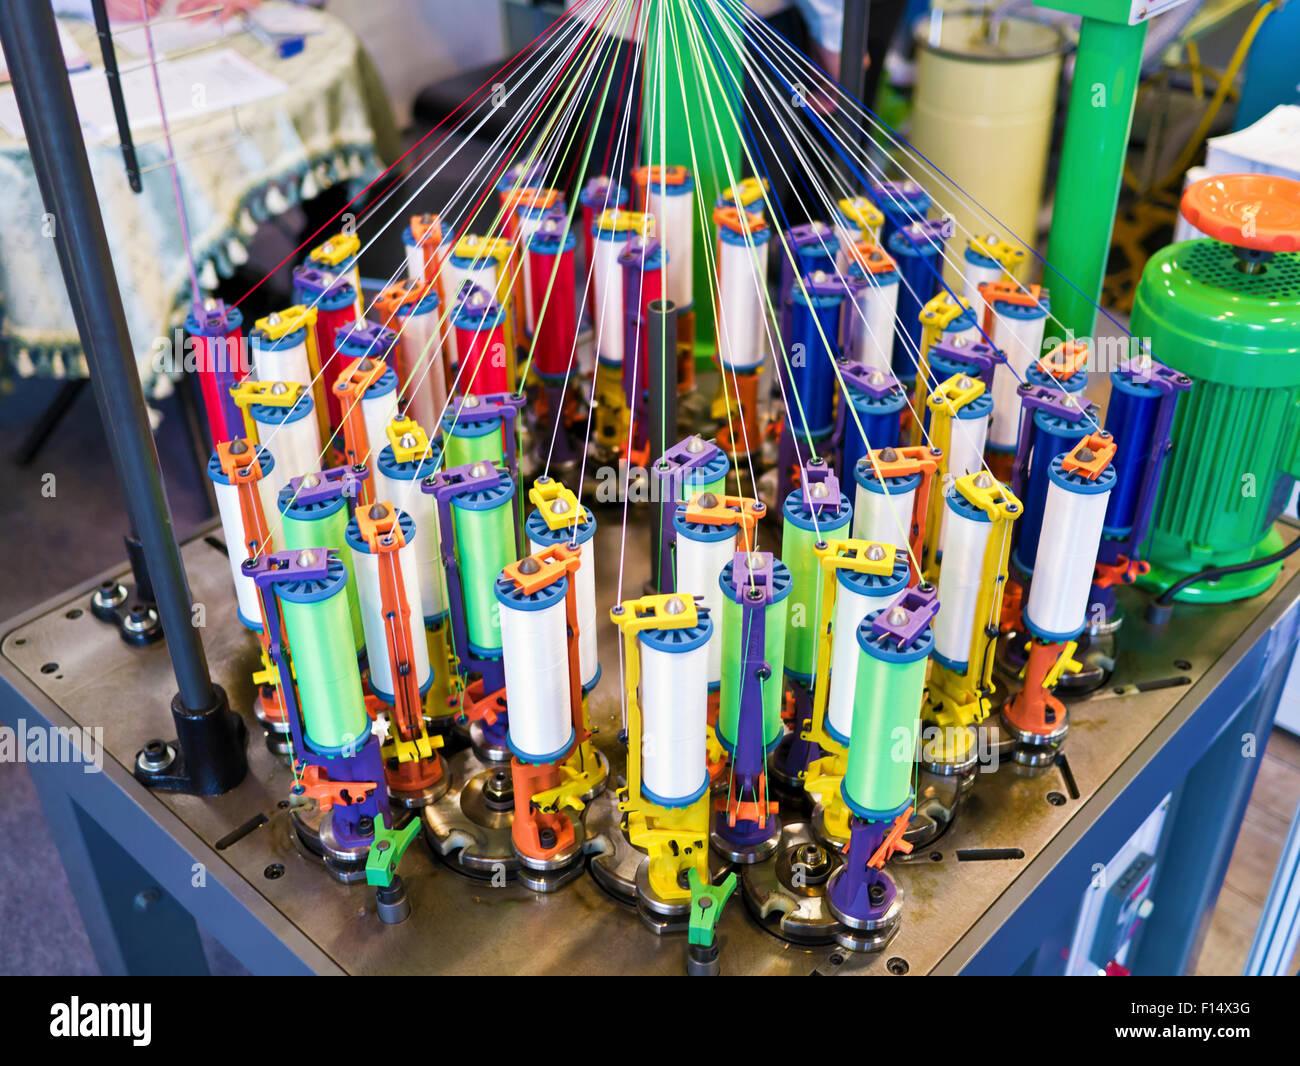 que suis je n° 1 - ajonc - 23 avril bravo Martine  Lindustrie-textile-bobines-de-fil-sur-machine-a-filer-une-usine-de-textile-f14x3g